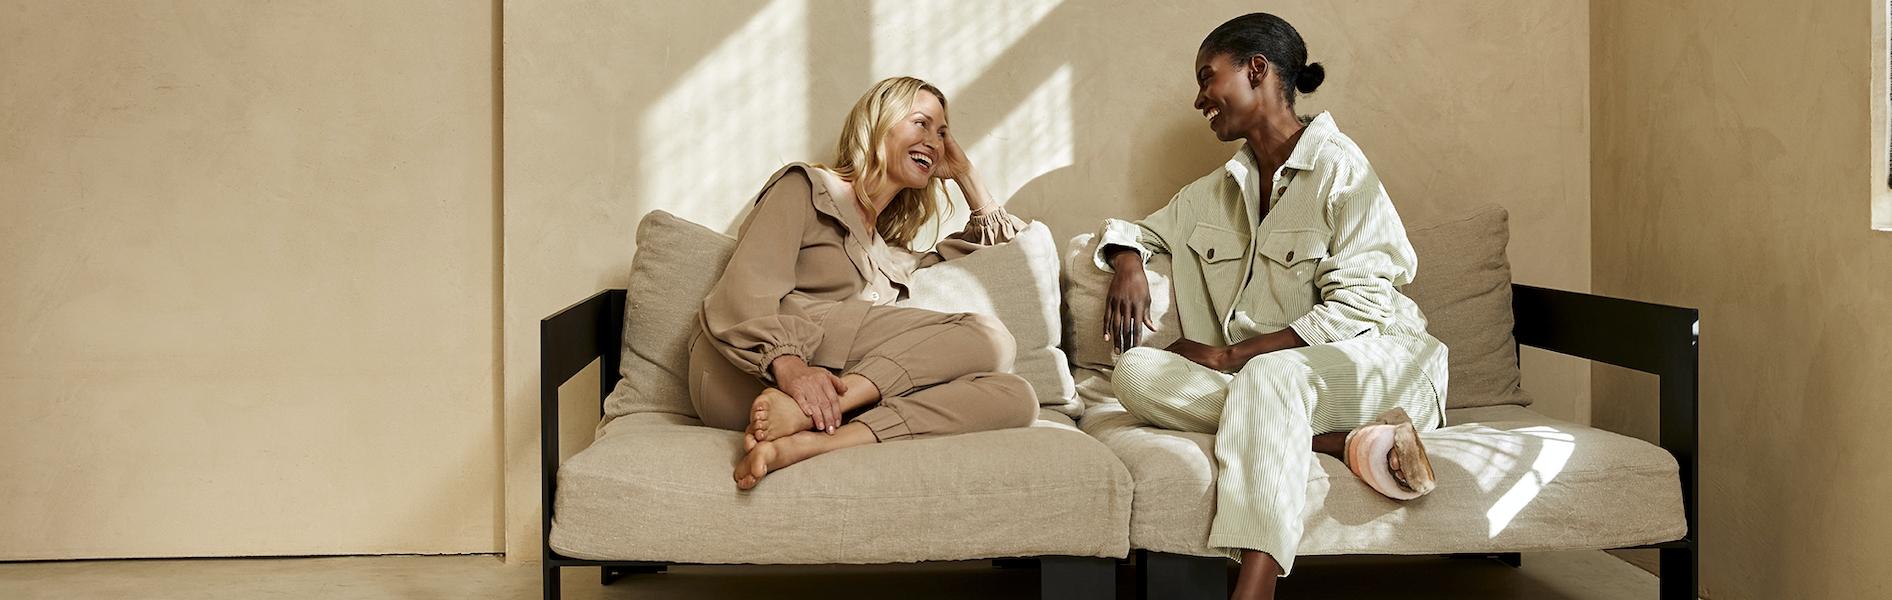 fotoshoot pantoffels lounge